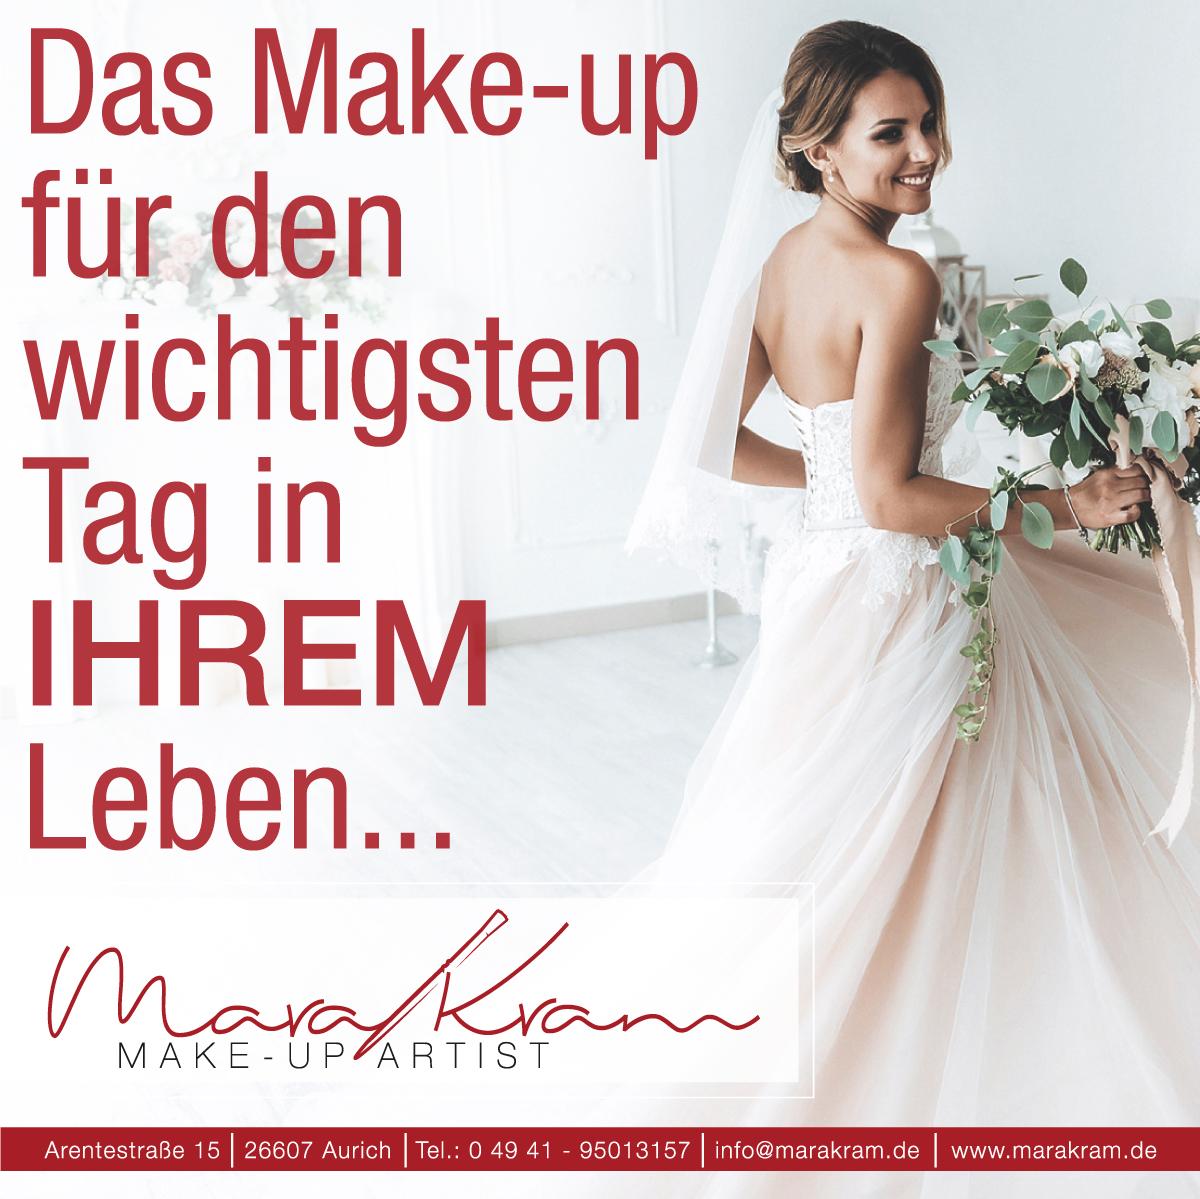 Mara Kram Make-Up Artist aus Aurich. Hochzeit Braut Bride Schminken